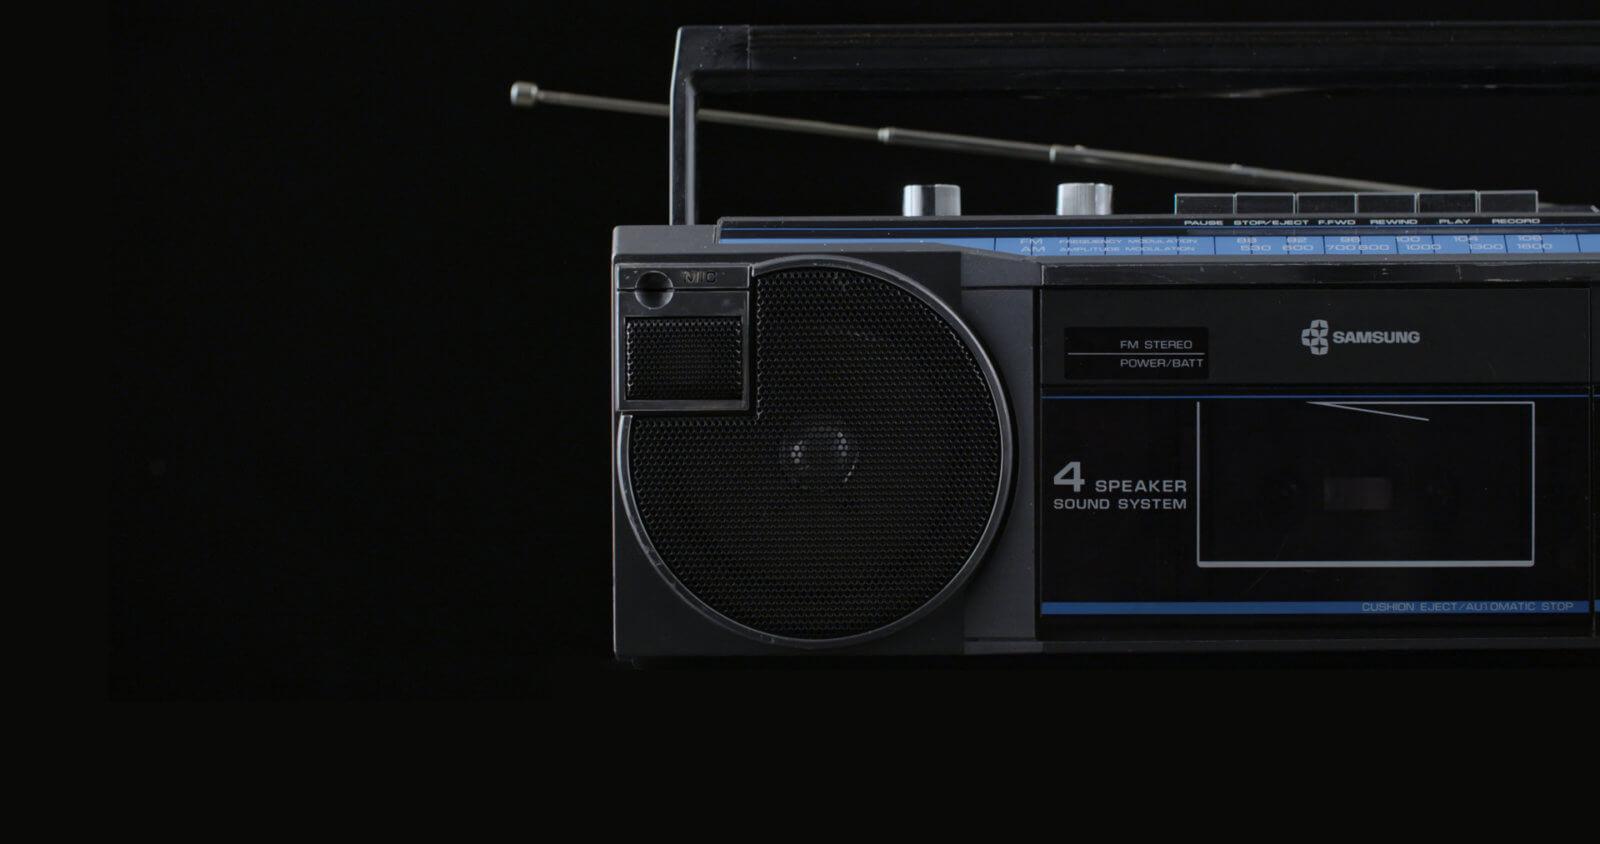 Samsung_10-1600x844.jpg